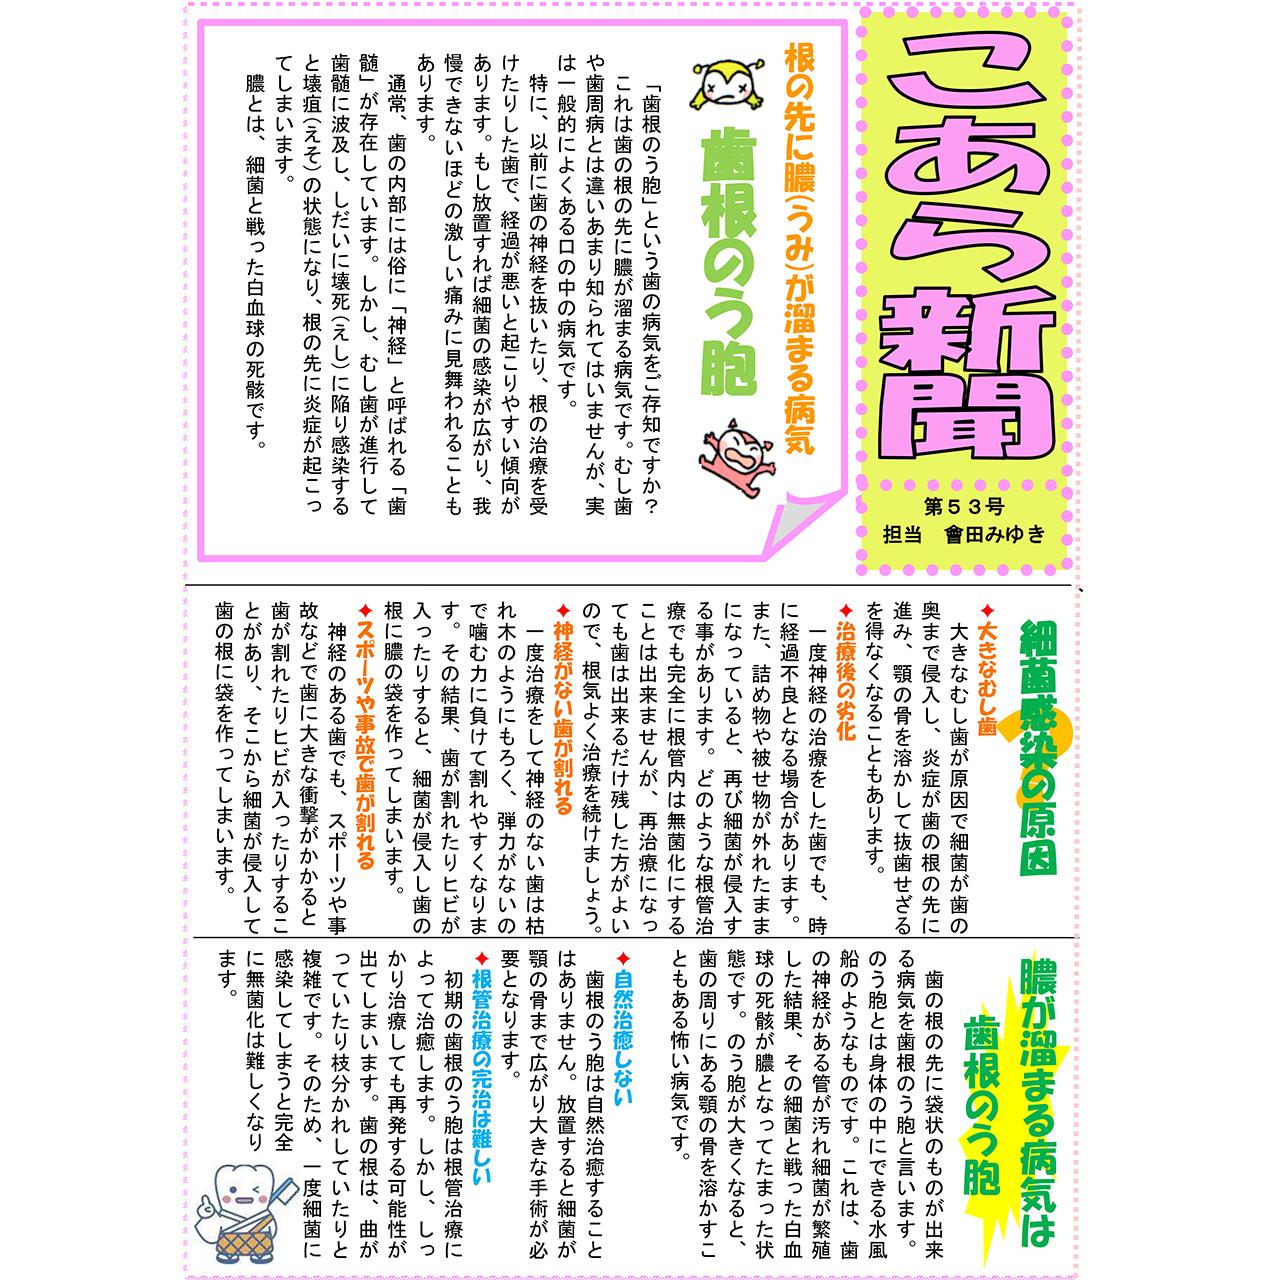 こあら新聞 第53号 担当 會田